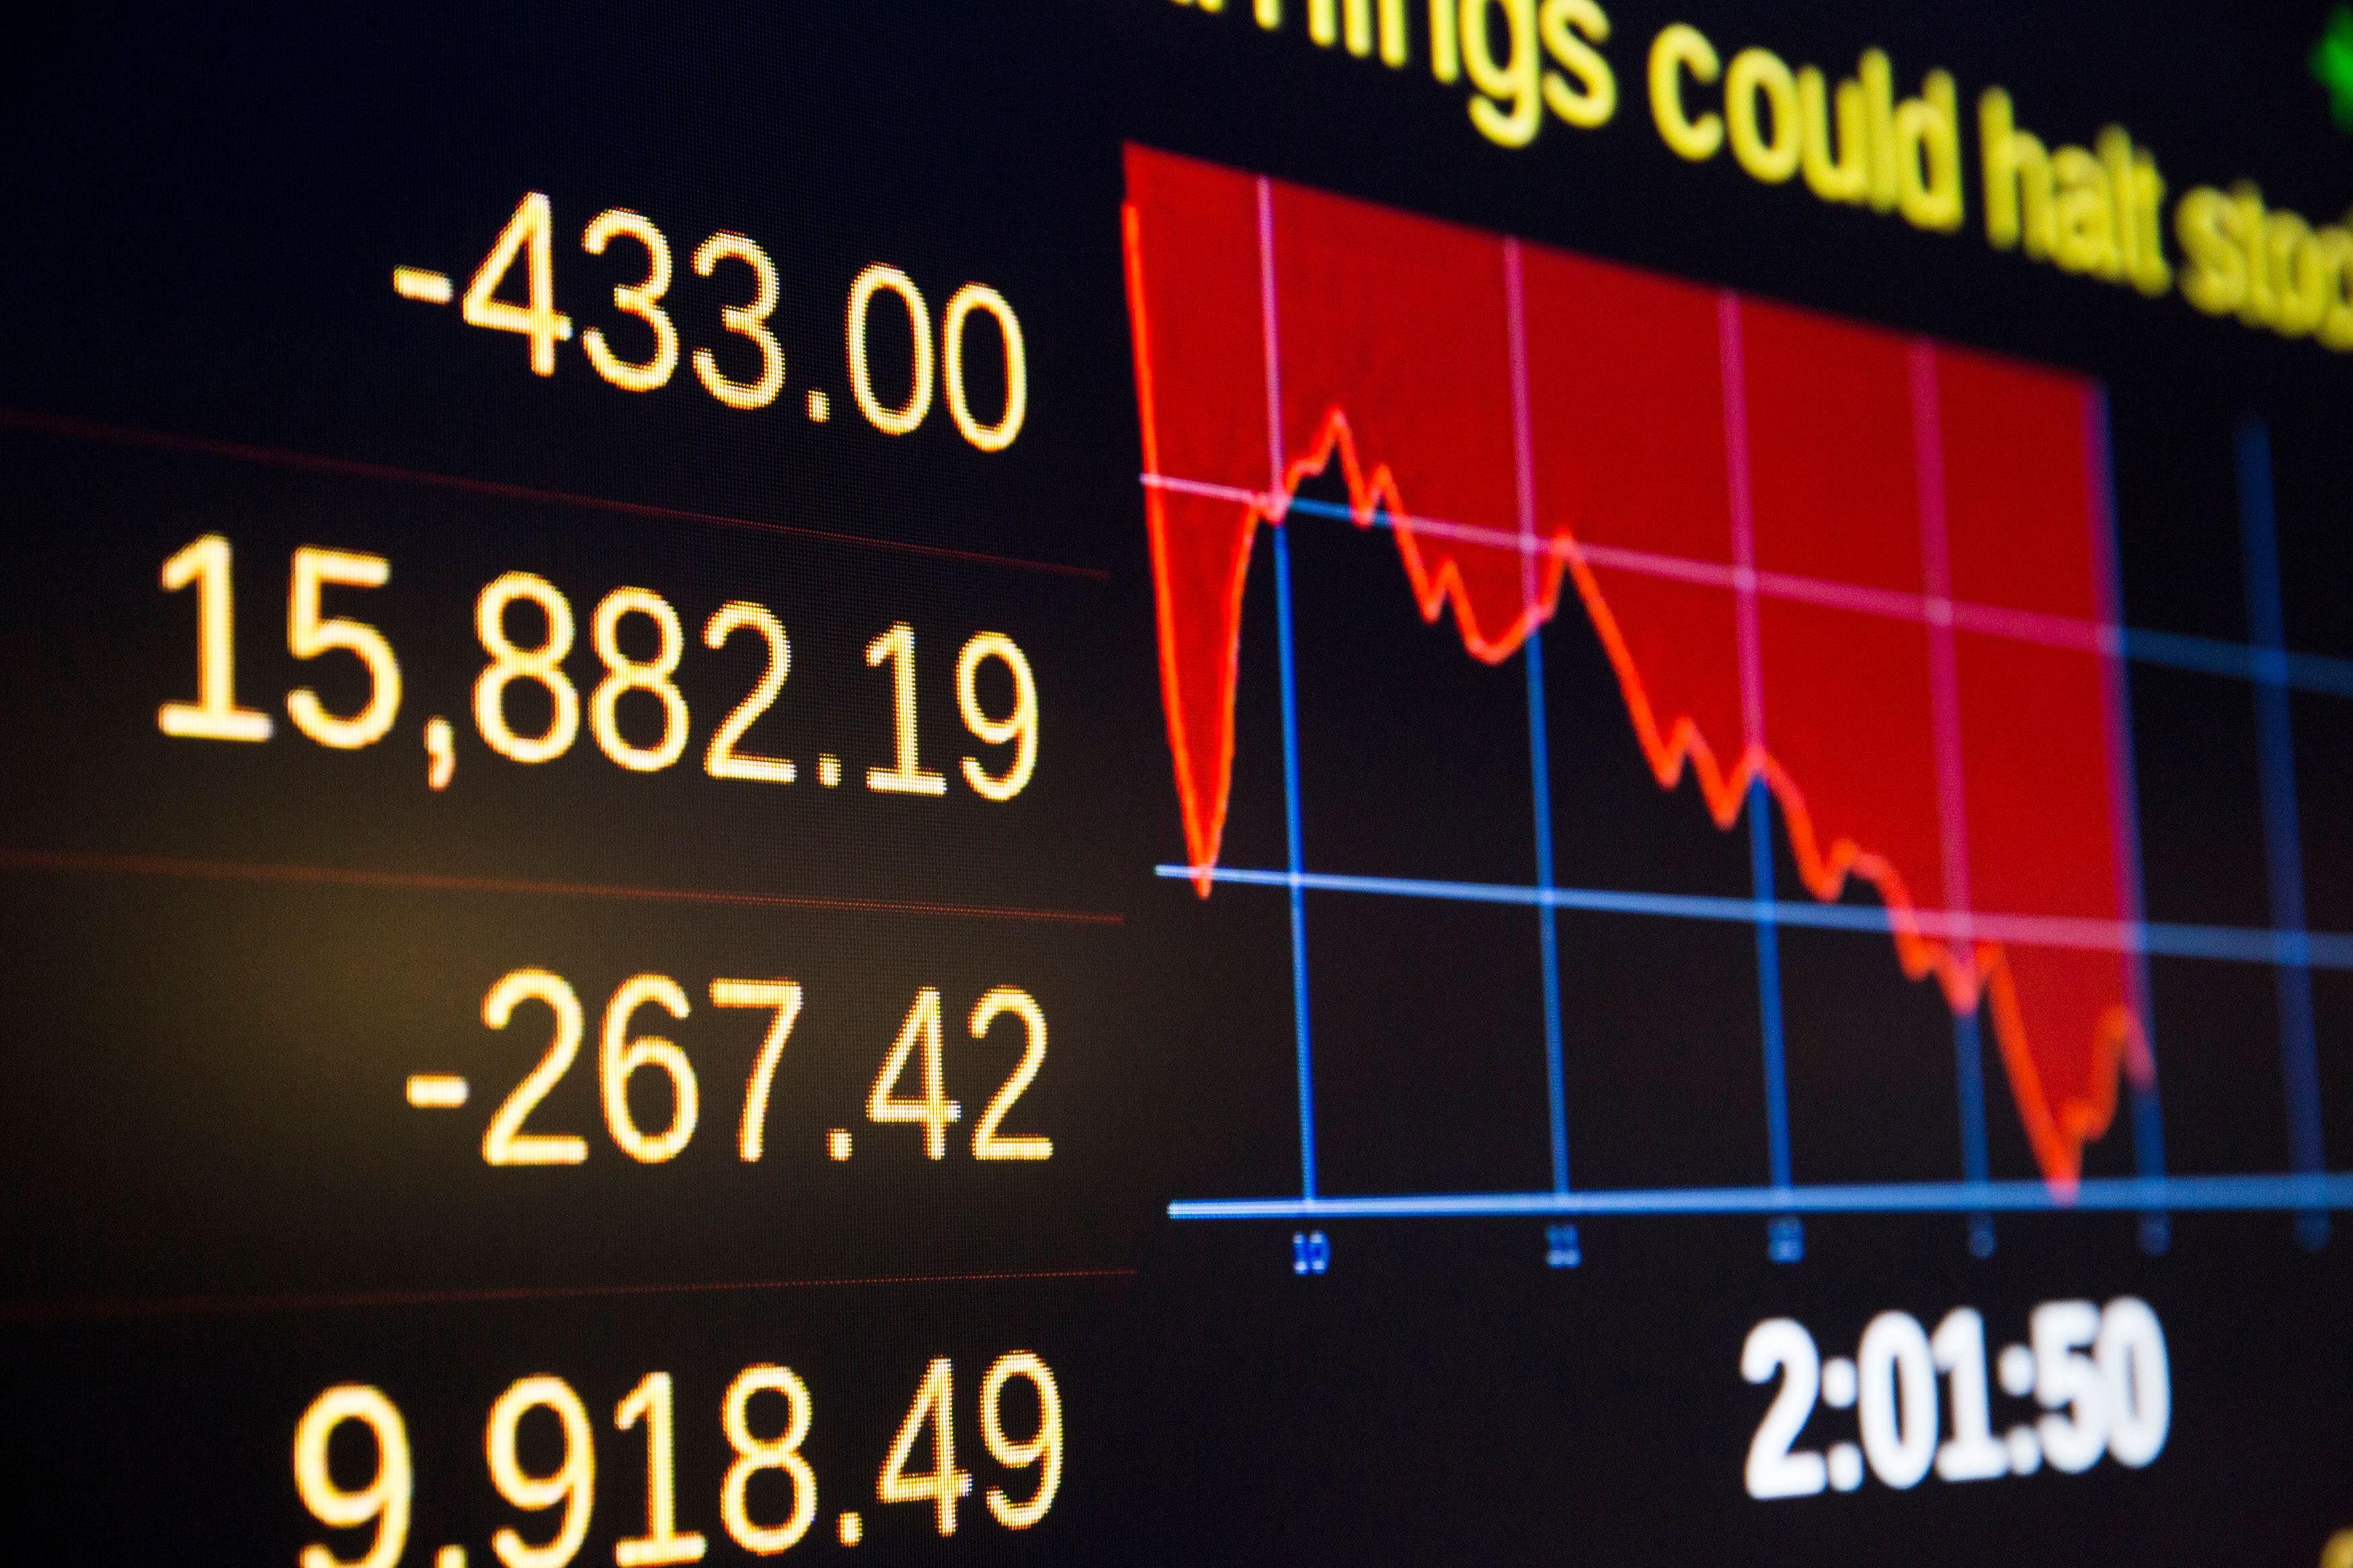 La Bourse de Shanghai a encore reculé de 7,63%, les bourses européennes résistent